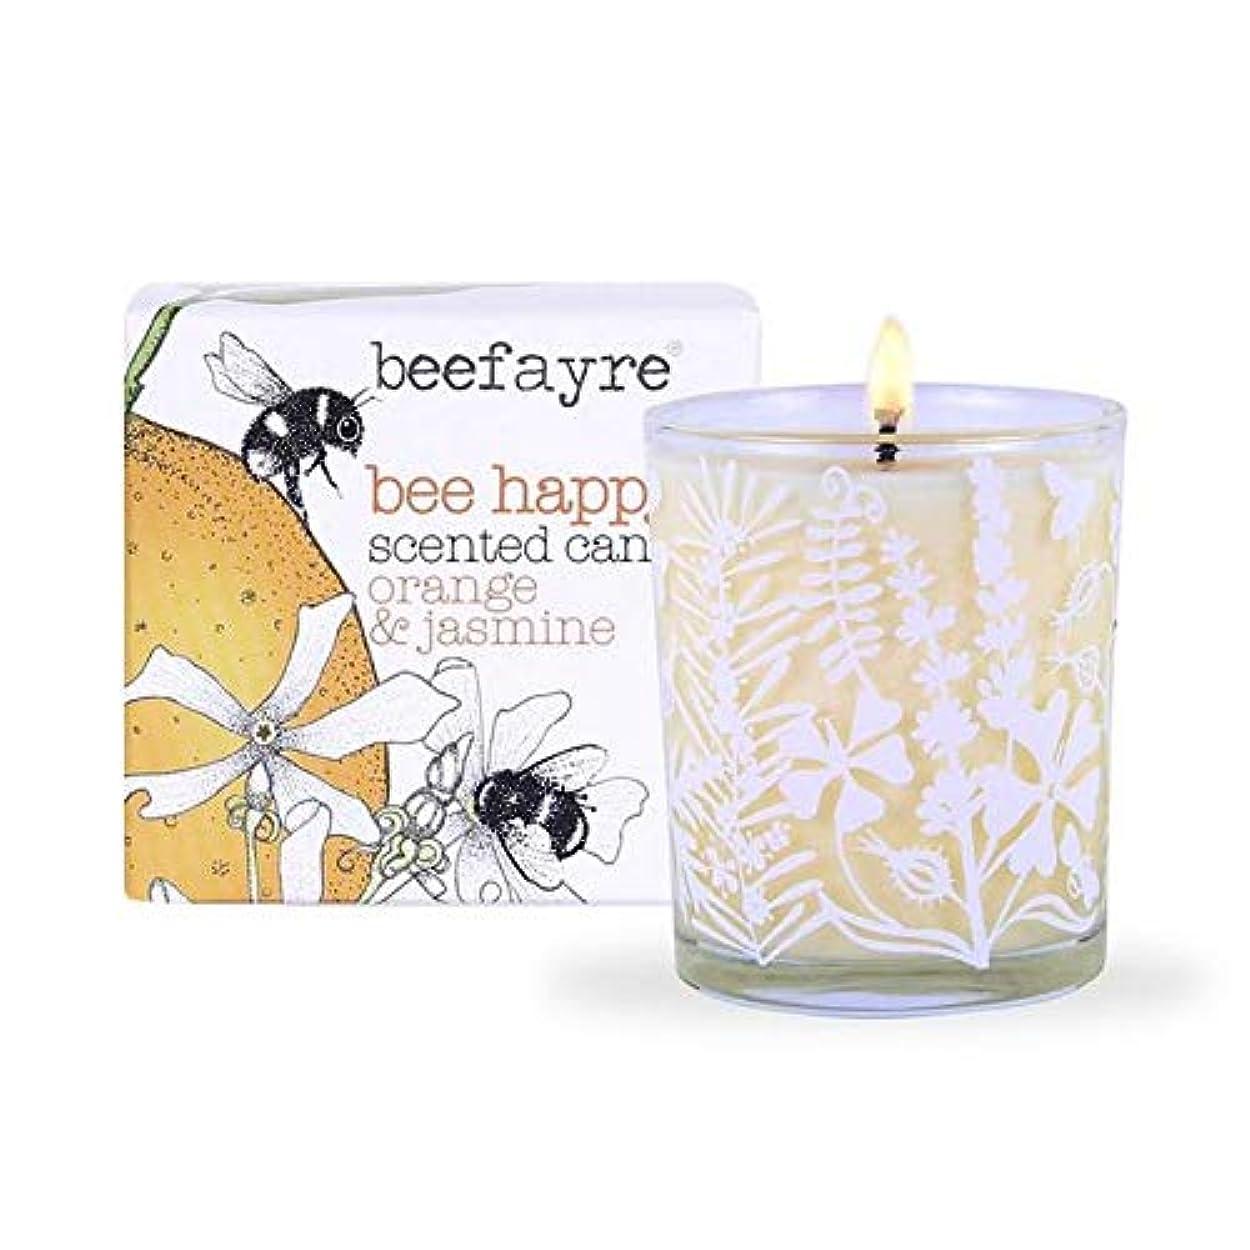 熱狂的な前述の反発[Beefayre] オレンジ&ジャスミンの香りのキャンドル9Cl Beefayre - Beefayre Orange & Jasmine Scented Candle 9cl [並行輸入品]